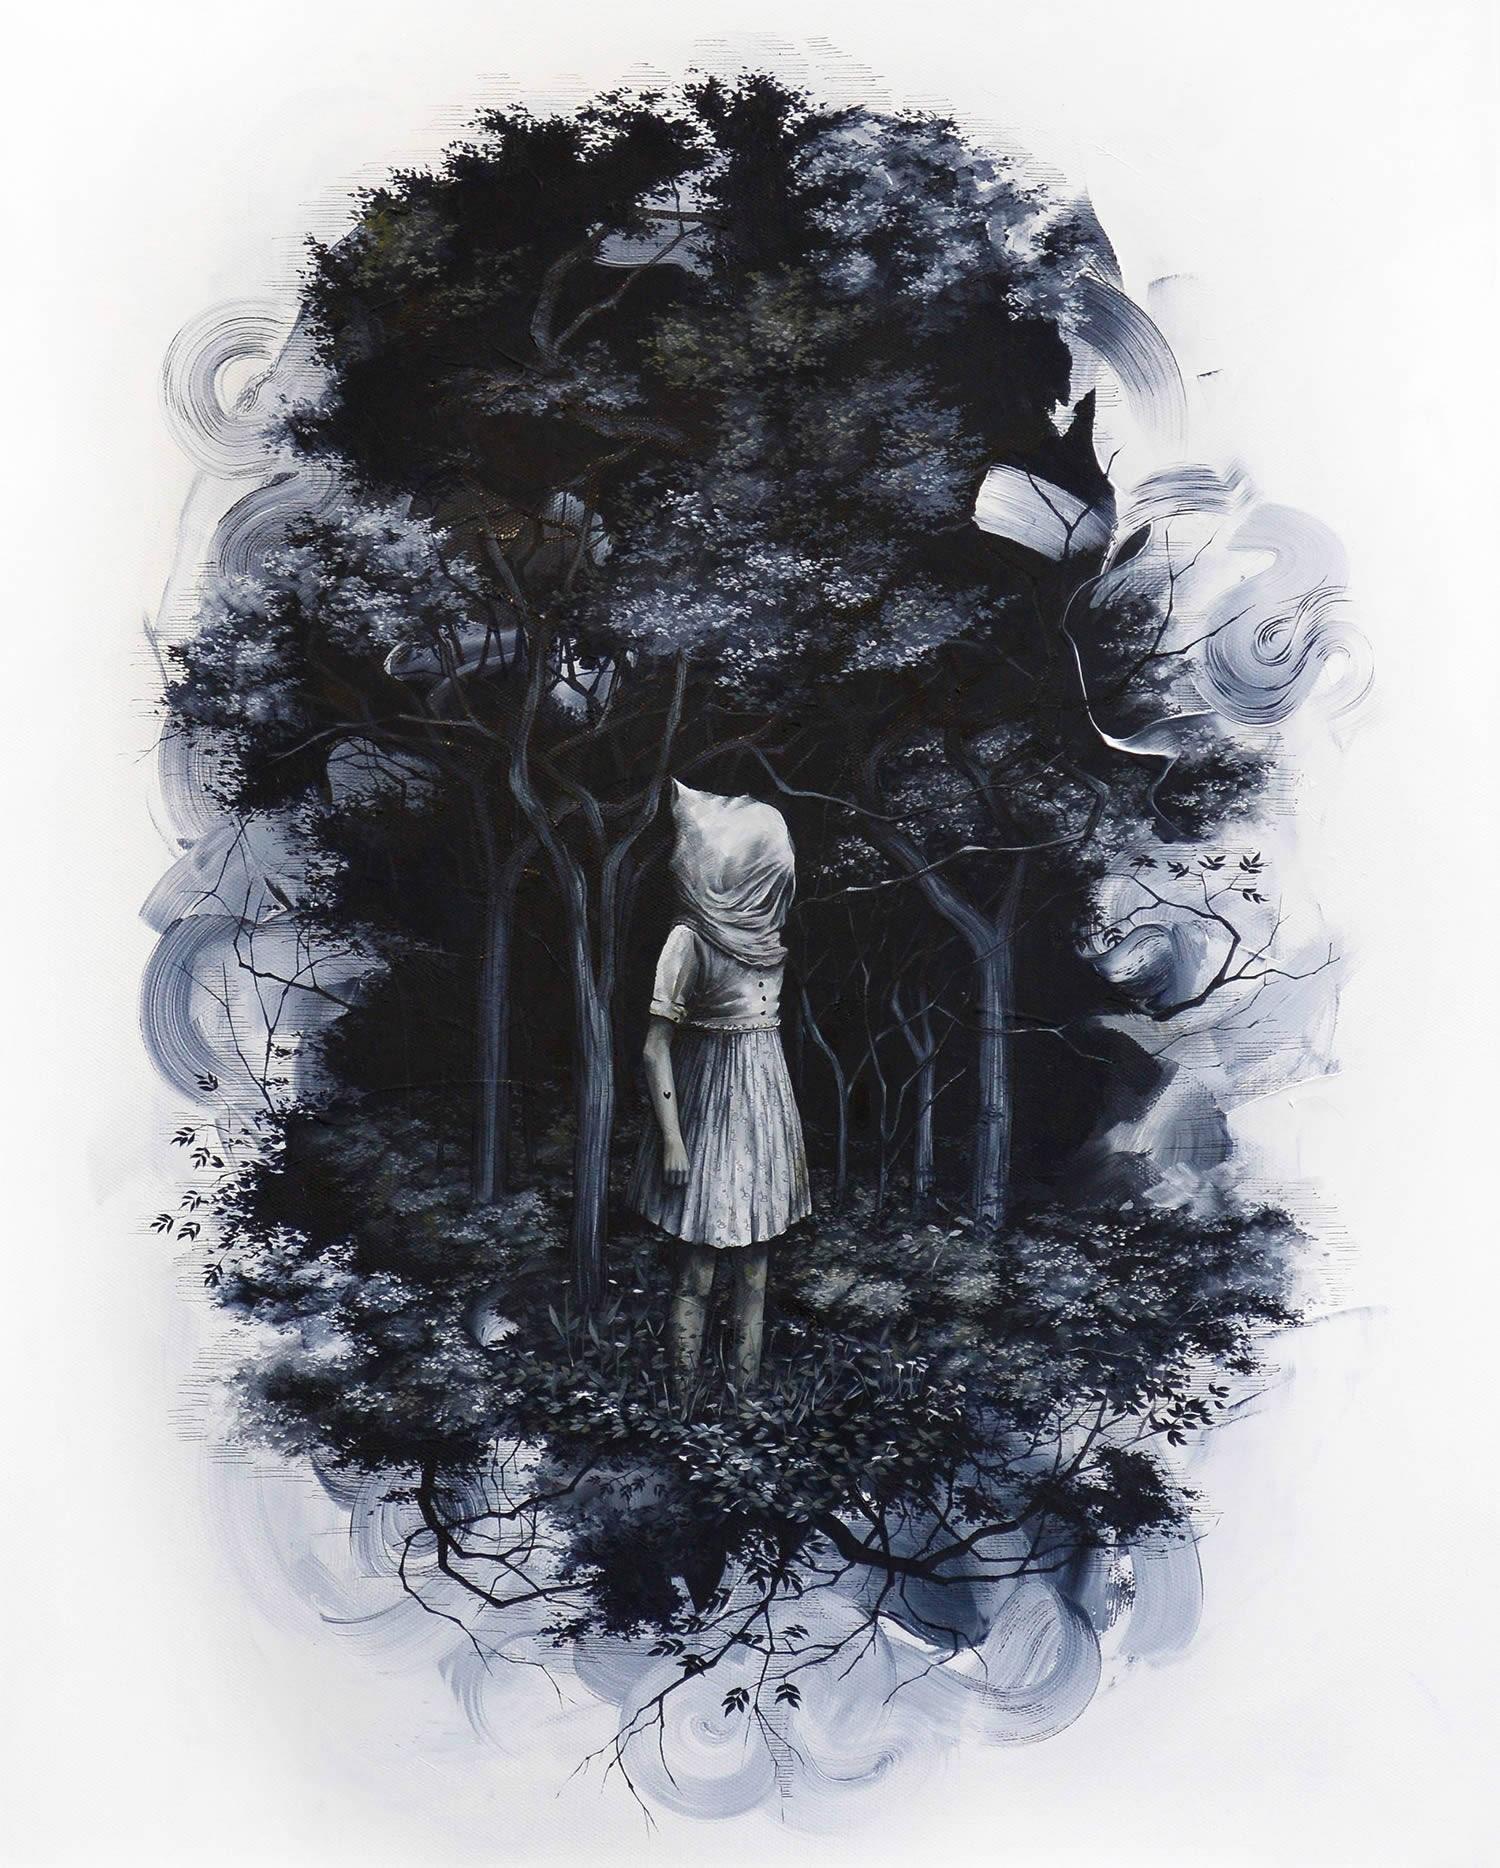 Candice Tripp 绘画艺术欣赏